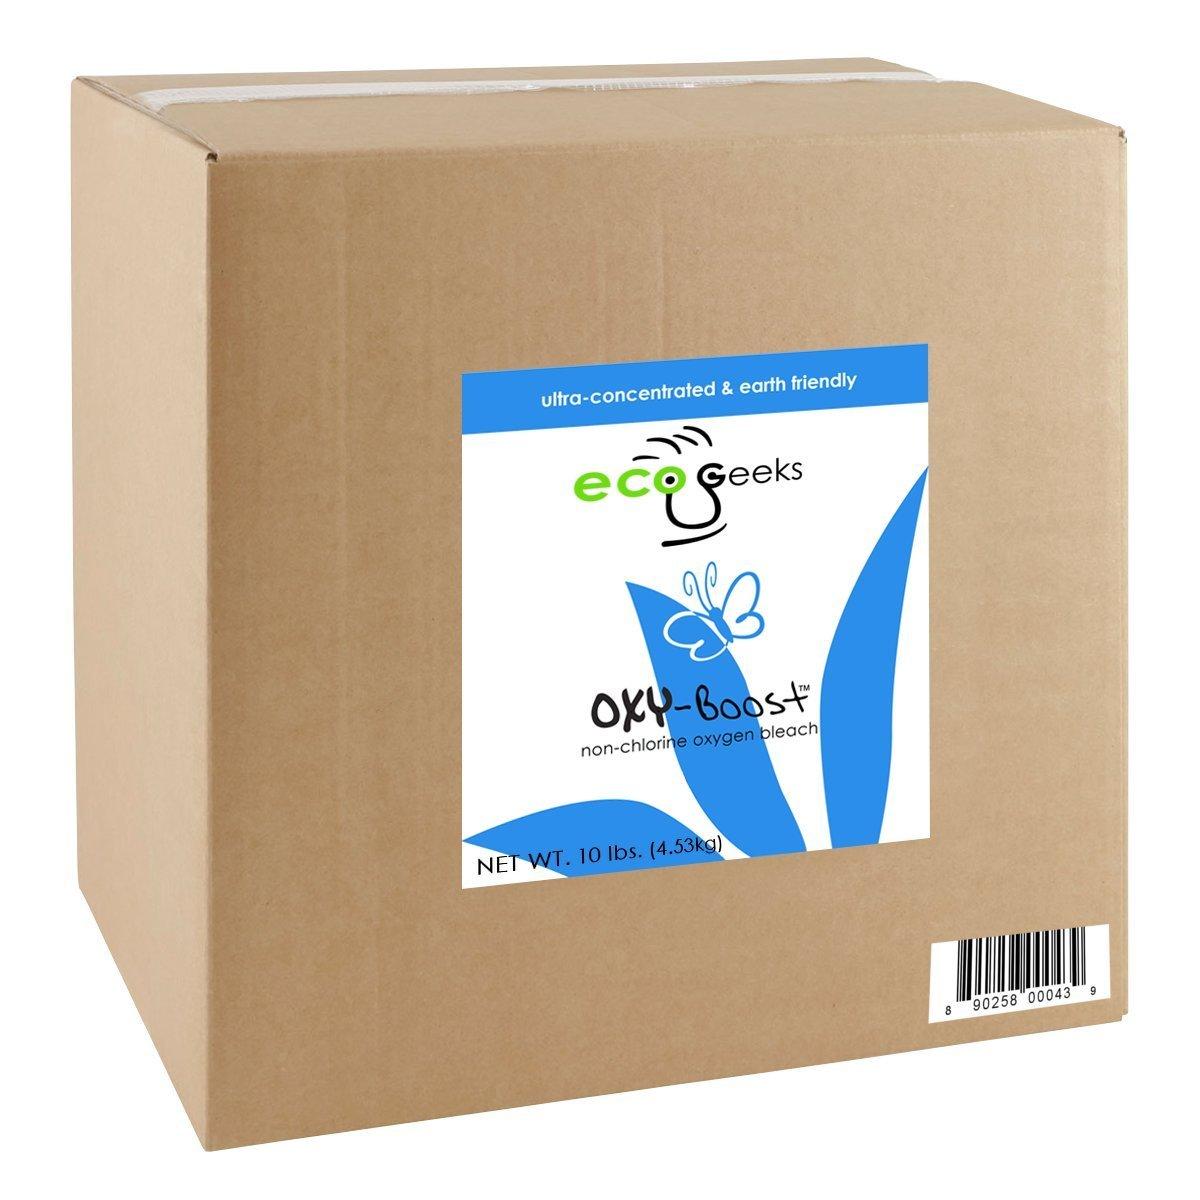 ecoGeeks oxy-Boost Oxygen Bleach 10LB Bulk Packaged